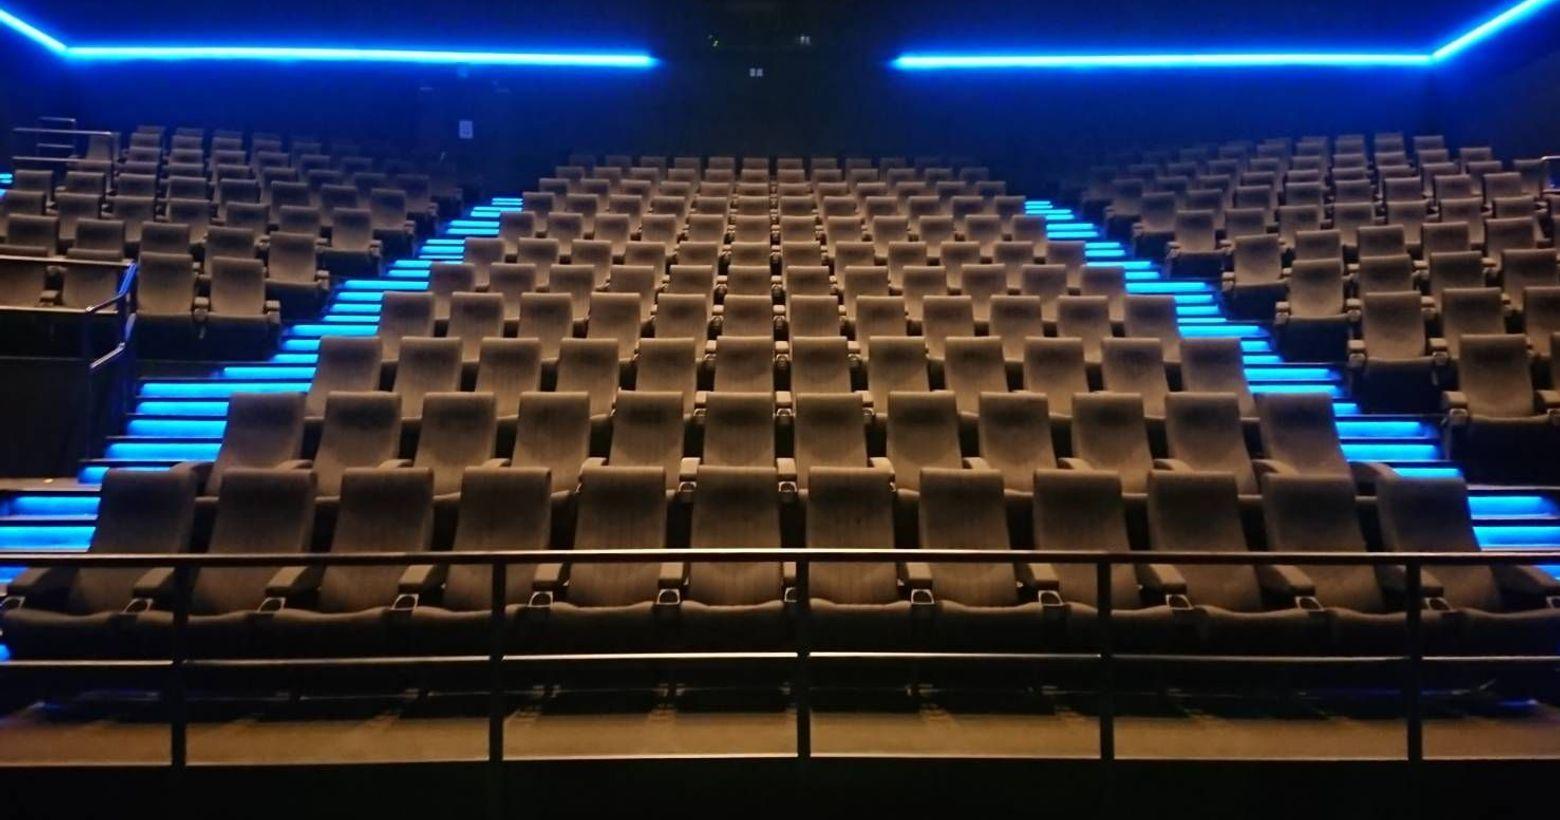 桃園新光影城 杜比影院 你該體驗看看的7個理由原文>>>https://bit.l